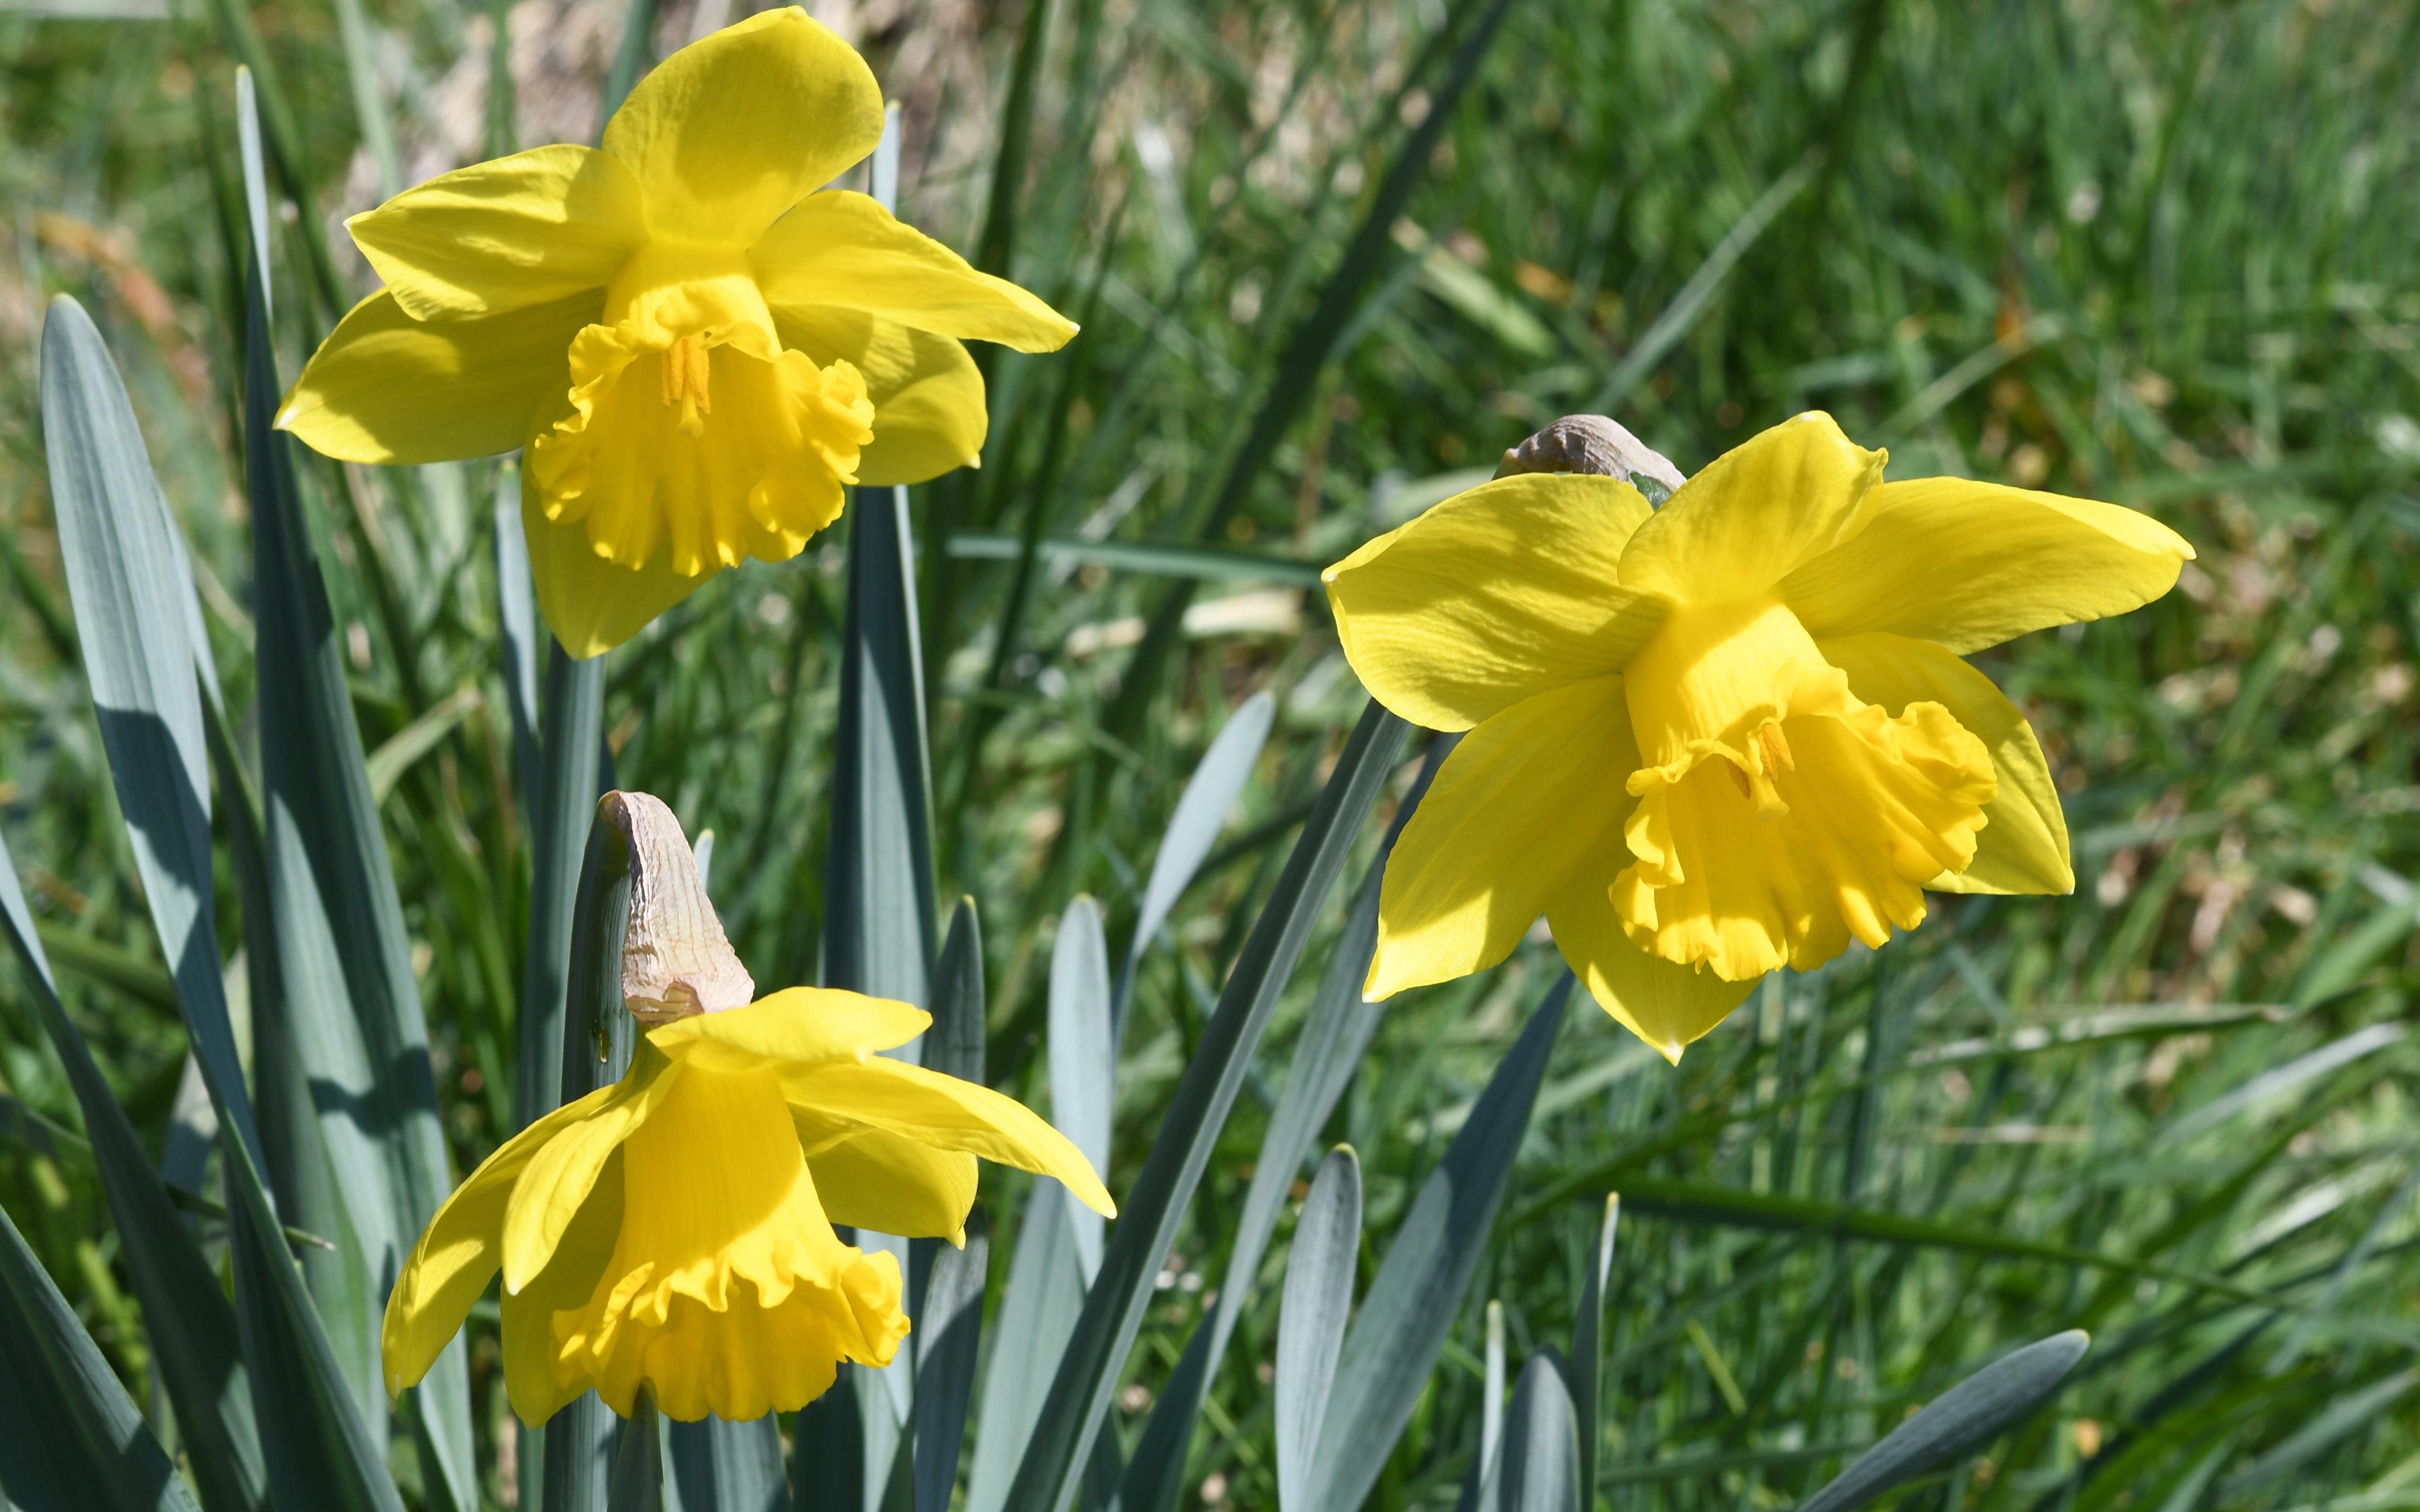 Фото желтая Цветы Нарциссы Крупным планом 3840x2400 Желтый желтые желтых цветок вблизи